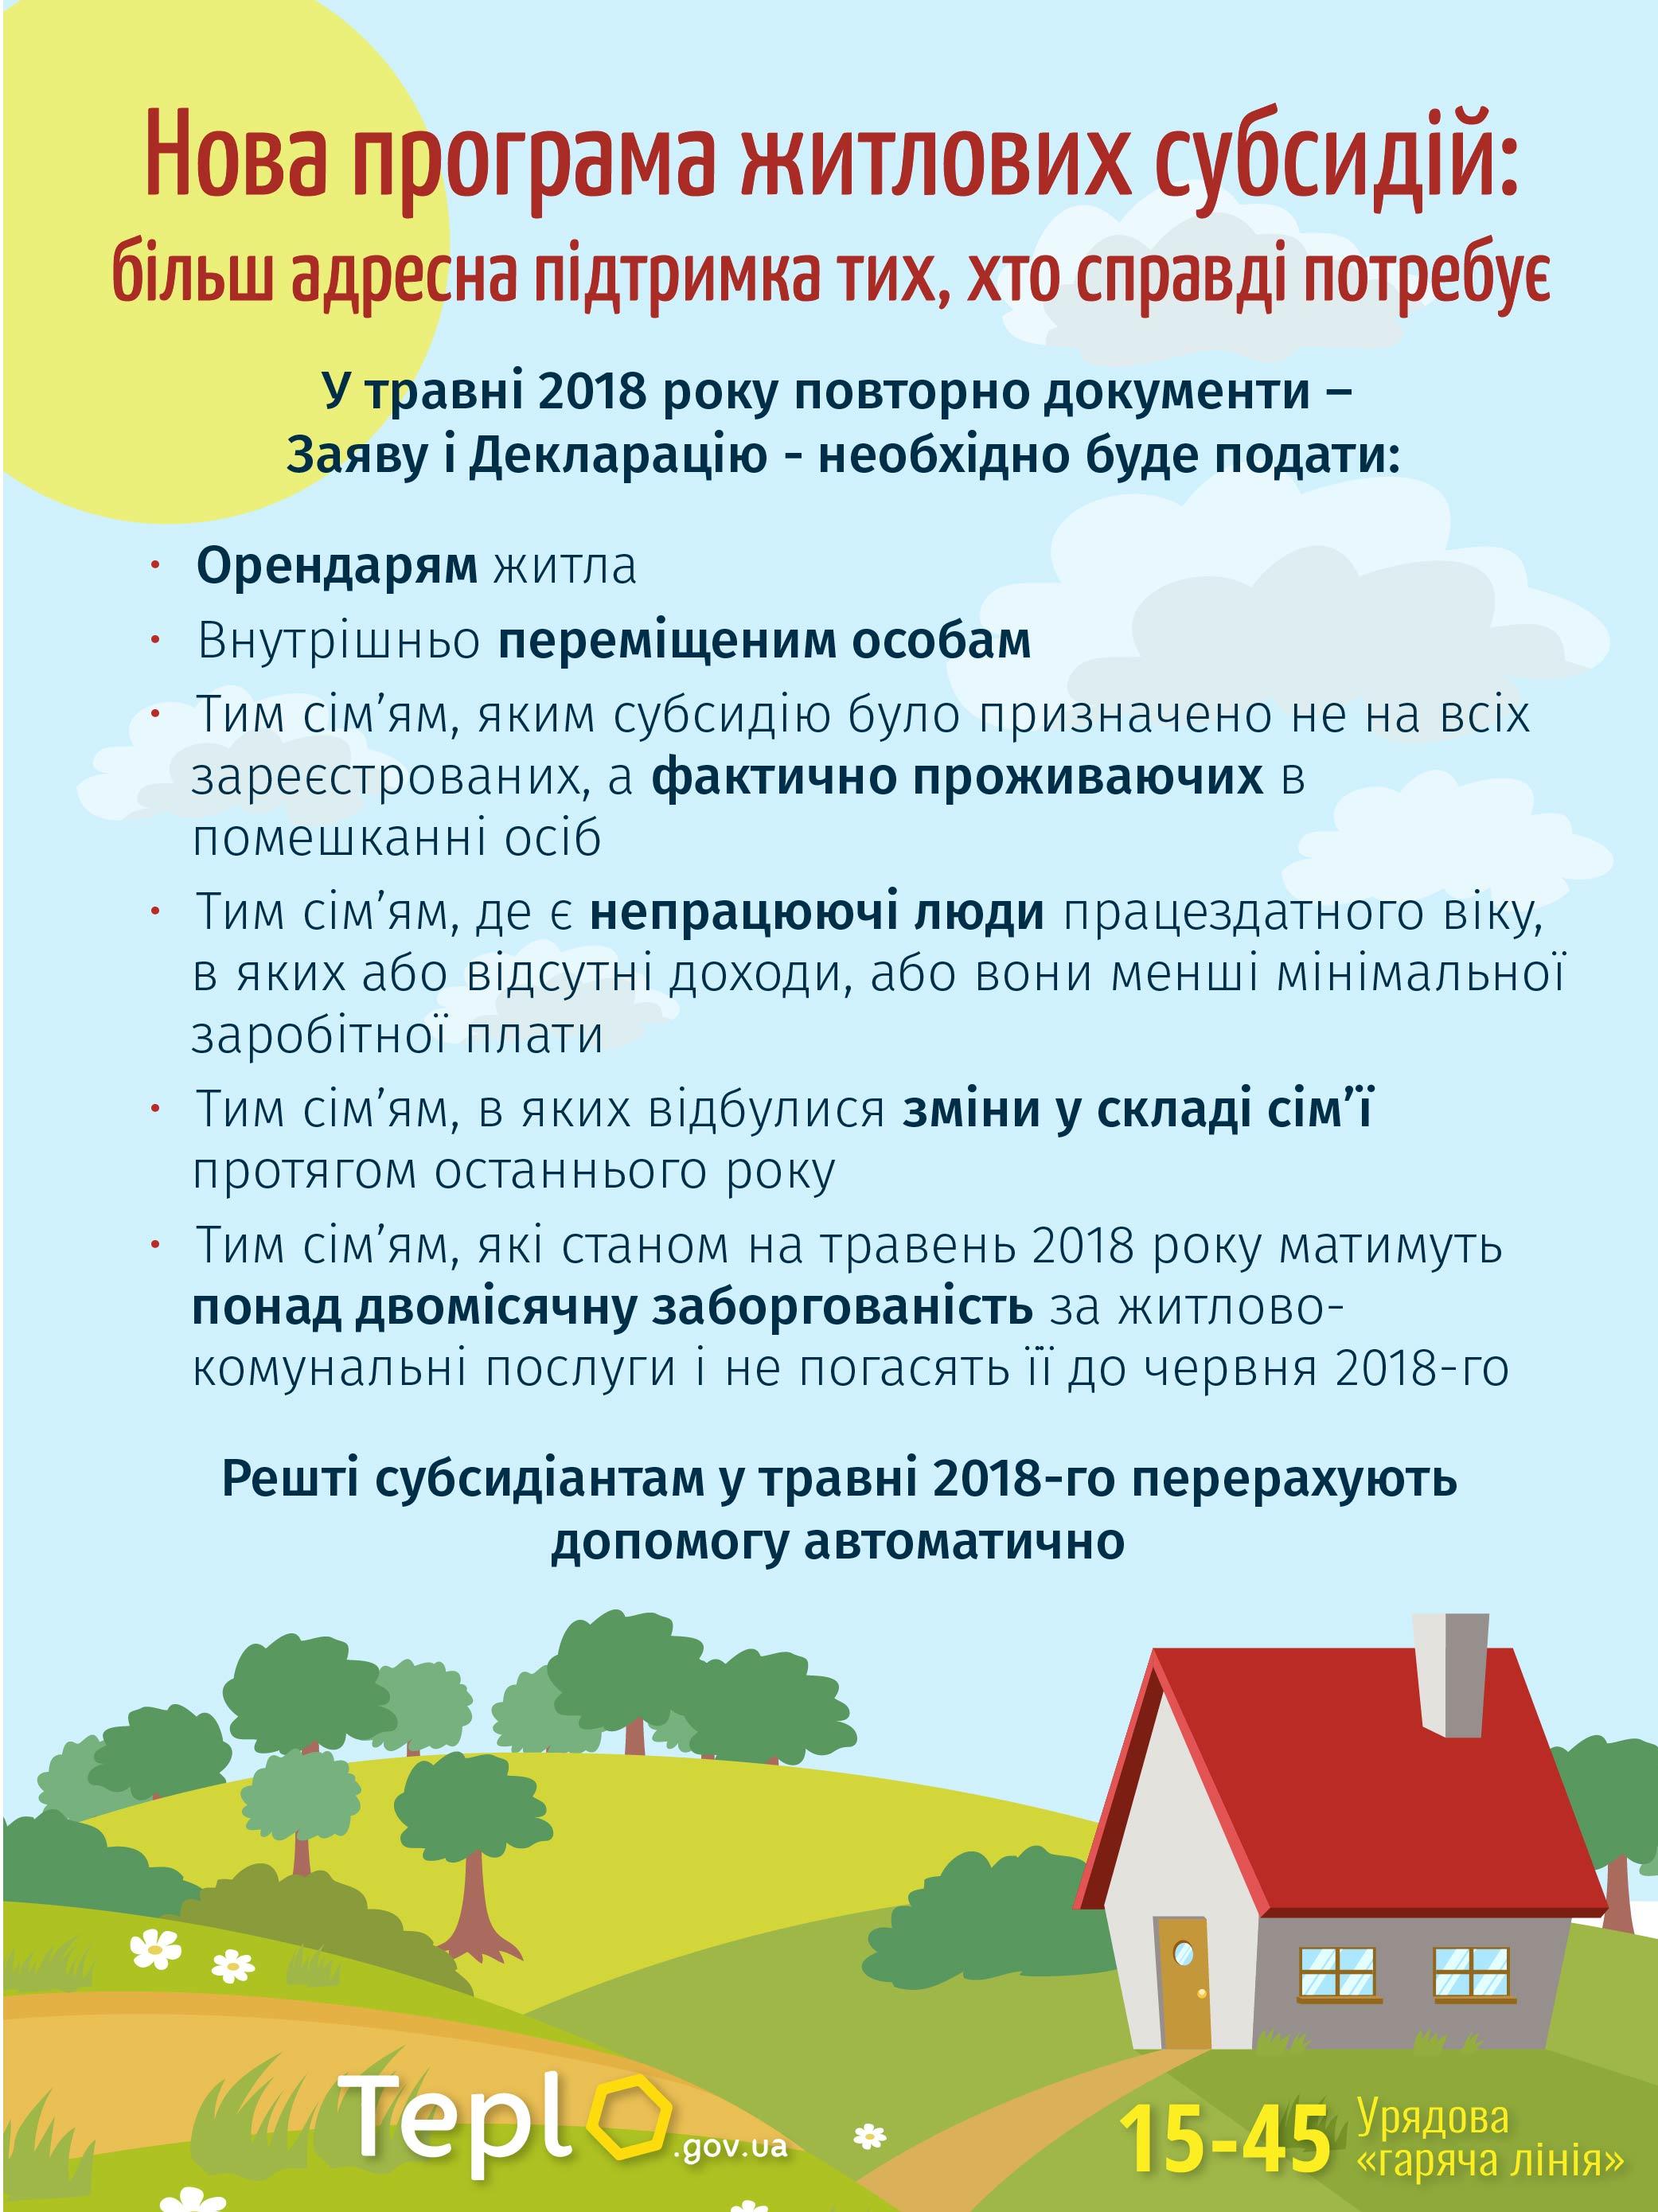 Субсидія 2018 Україна: список кому потрібно переоформити субсидію